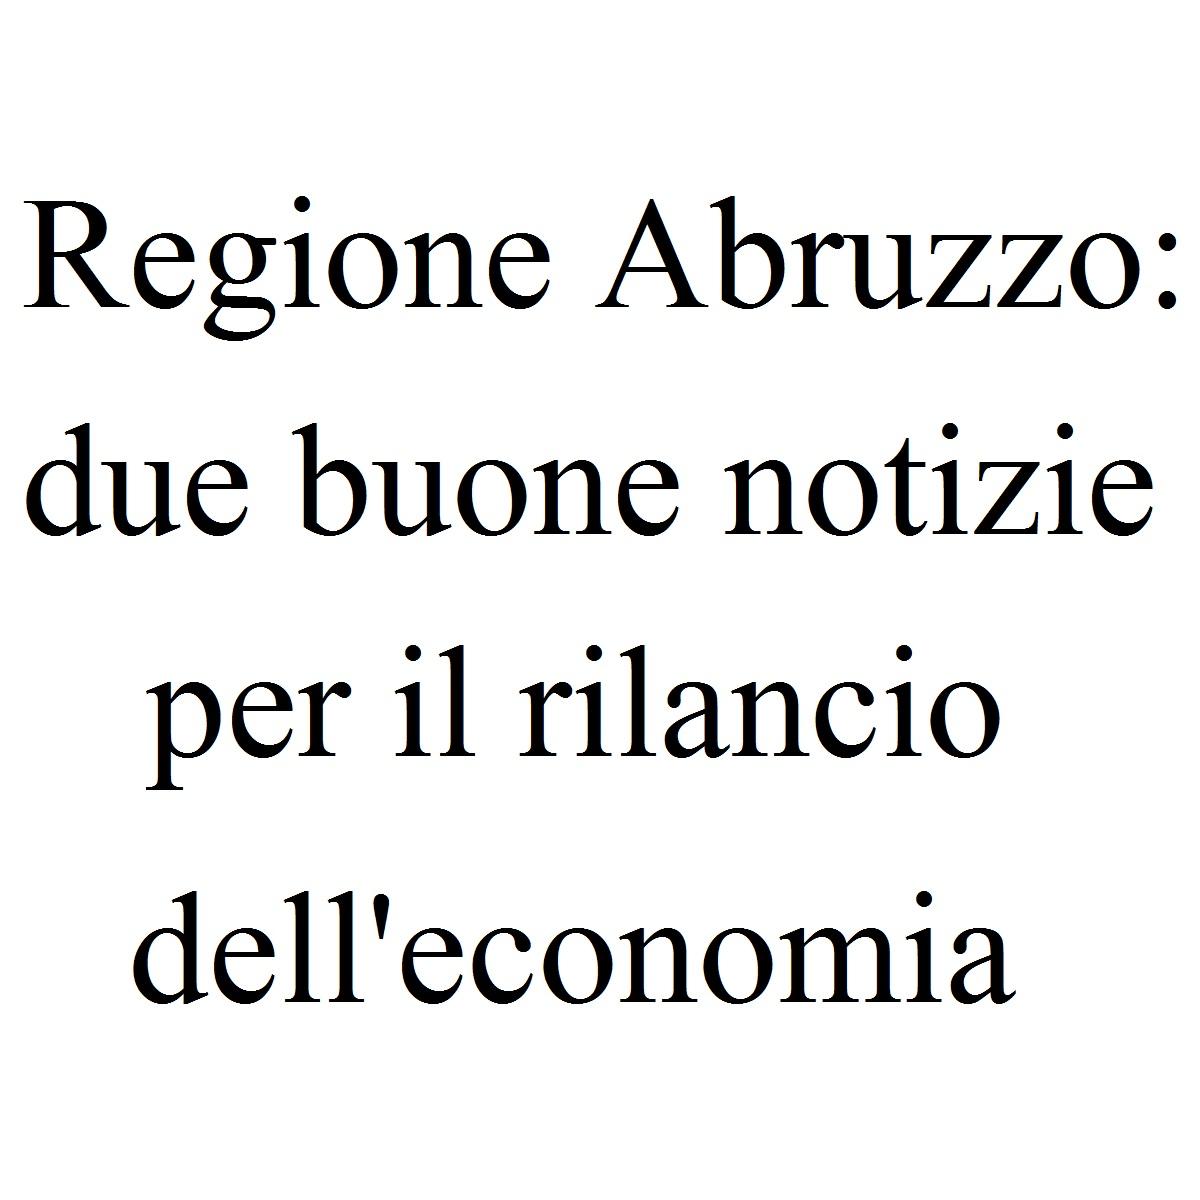 Regione Abruzzo due buone notizie per rilancio economia foto